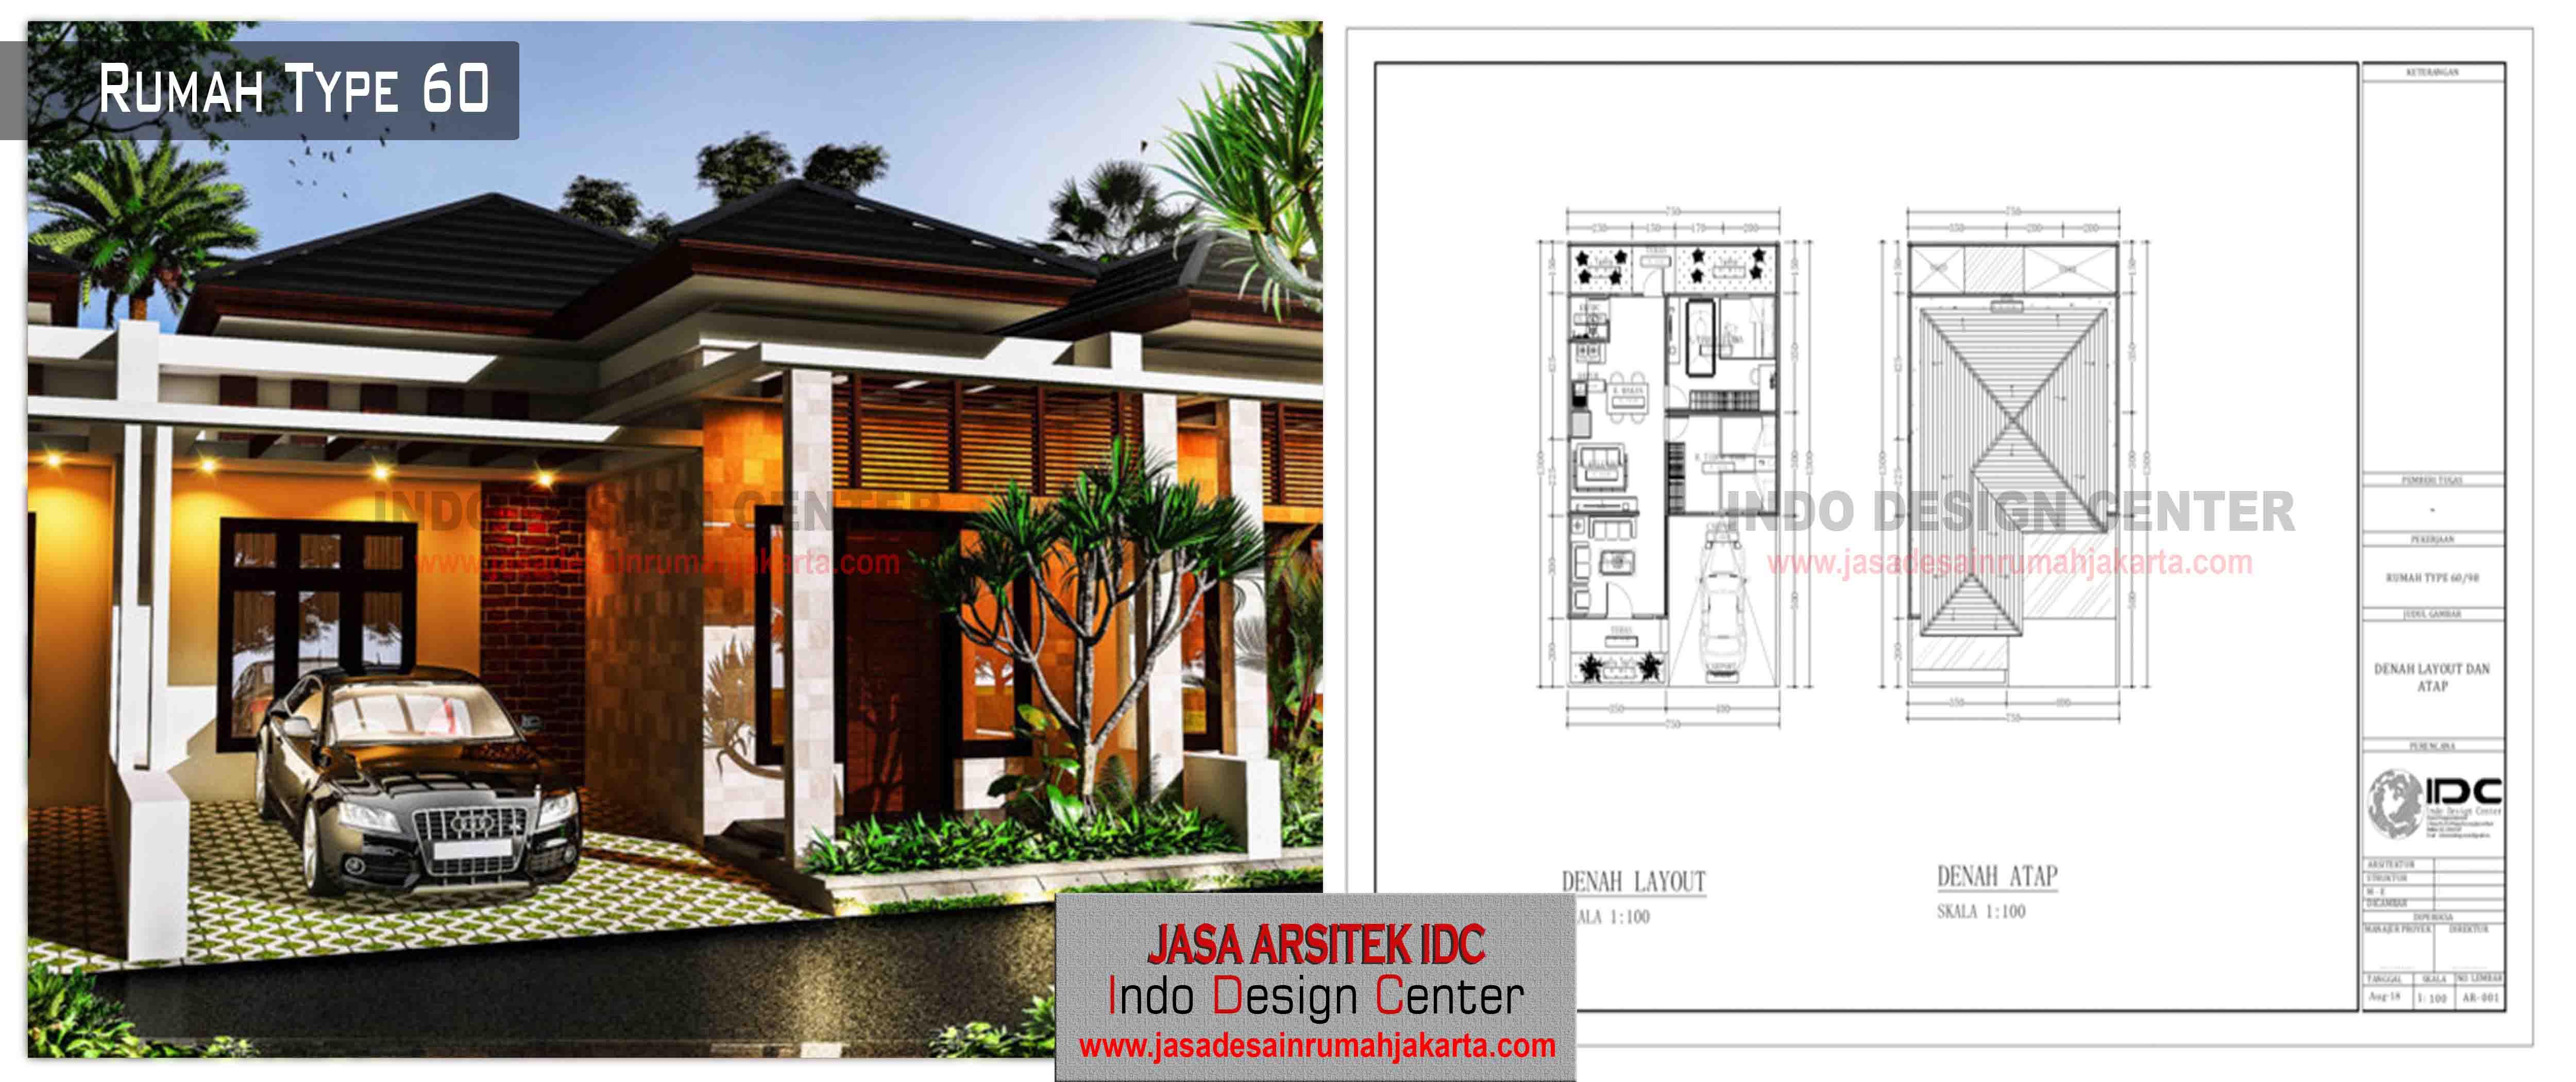 06 - Desain Rumah Type 60 | Jasa Desain Rumah Jakarta